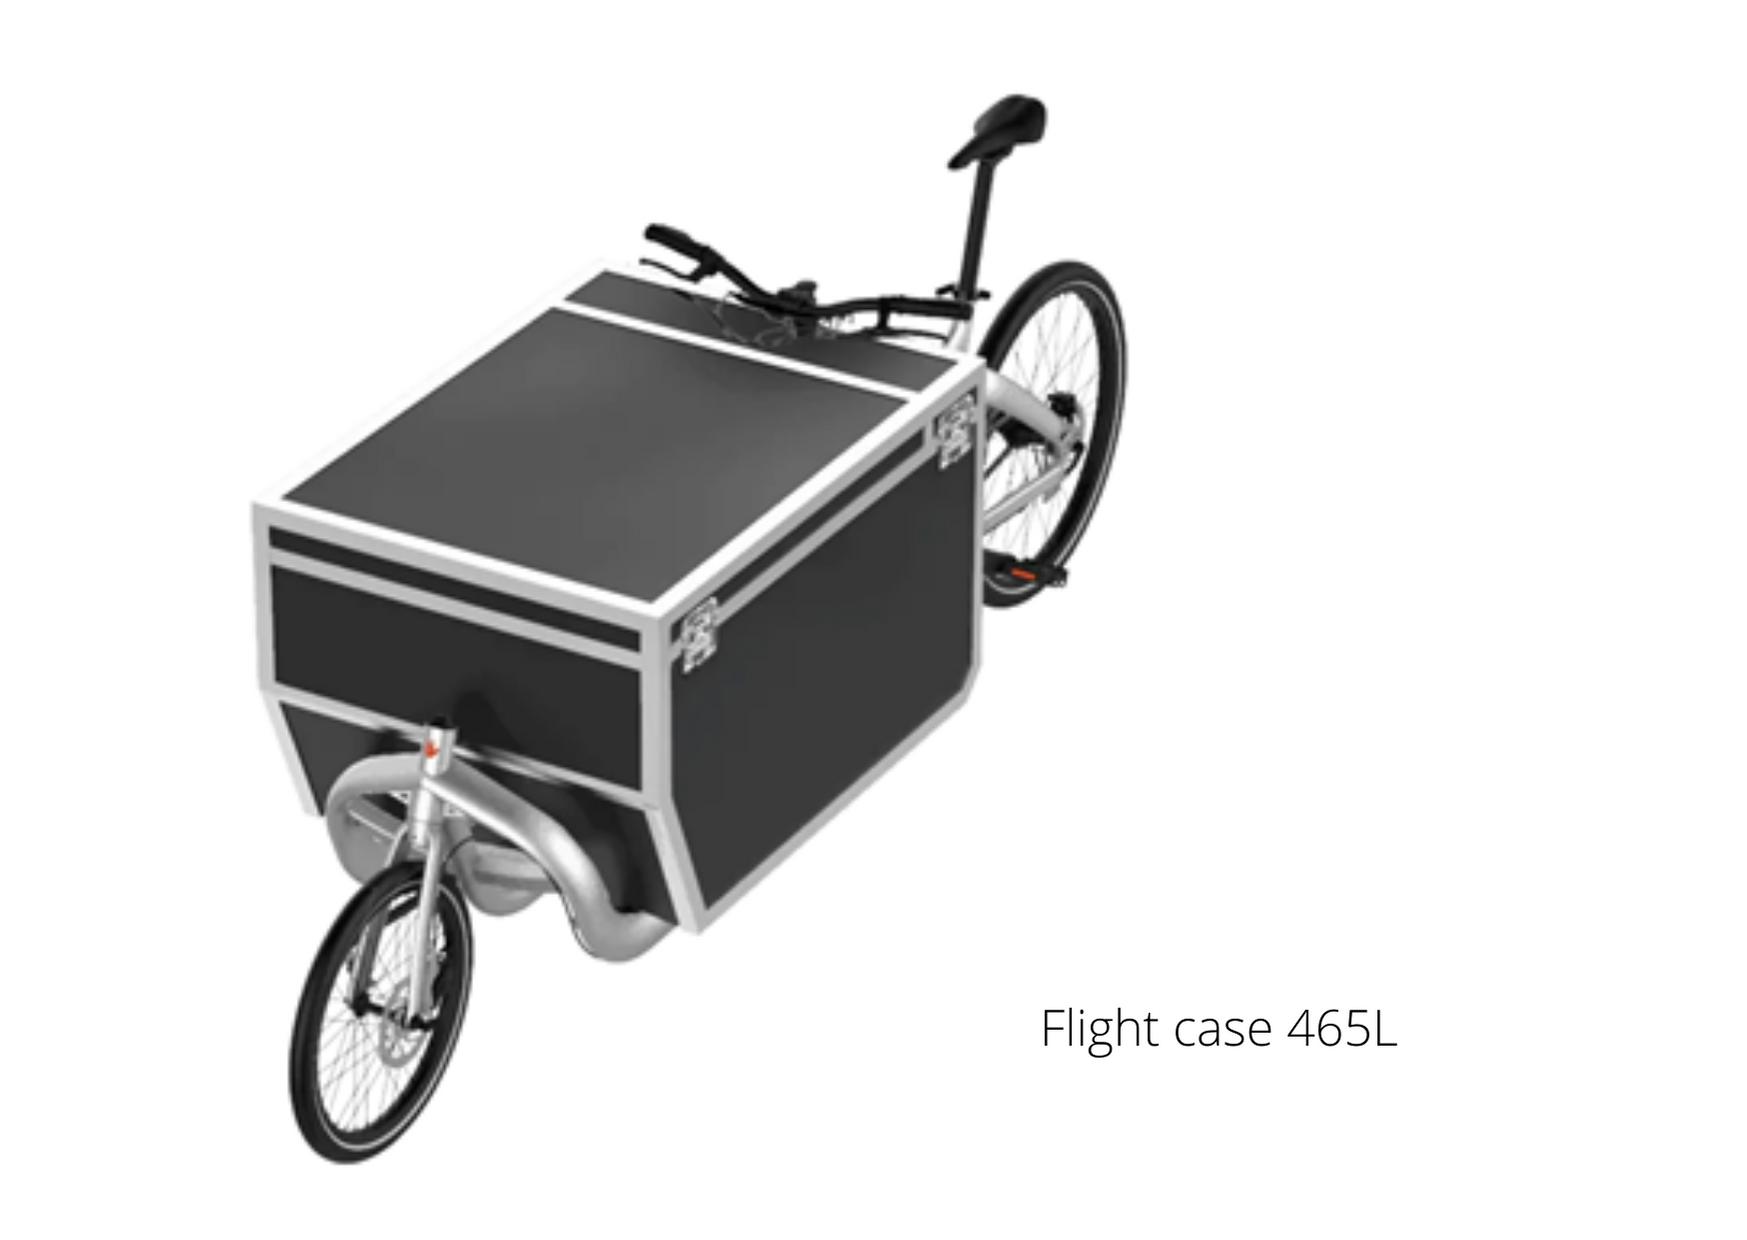 triobike Flight case 465L